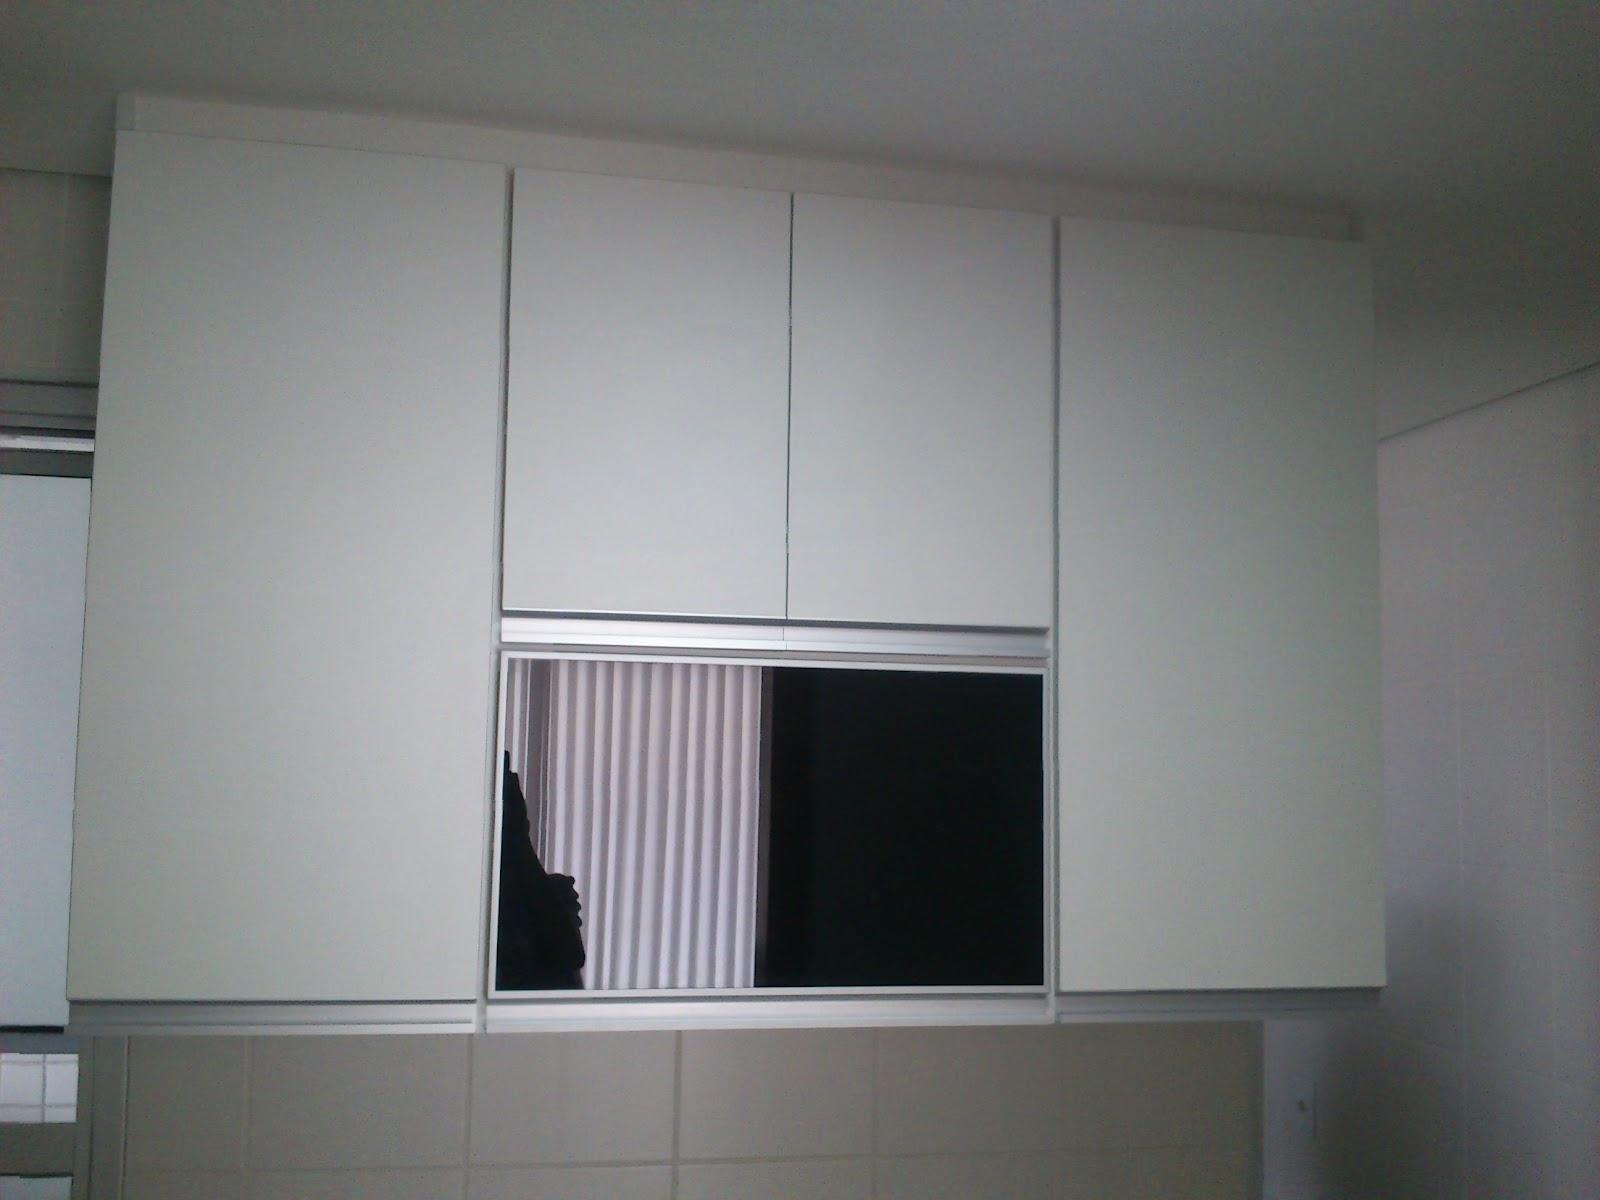 Lopes Armários Planejados Cozinha  (Padrão Branco c Portas Pretas em Vidro # Armario De Cozinha Planejado Porta De Vidro